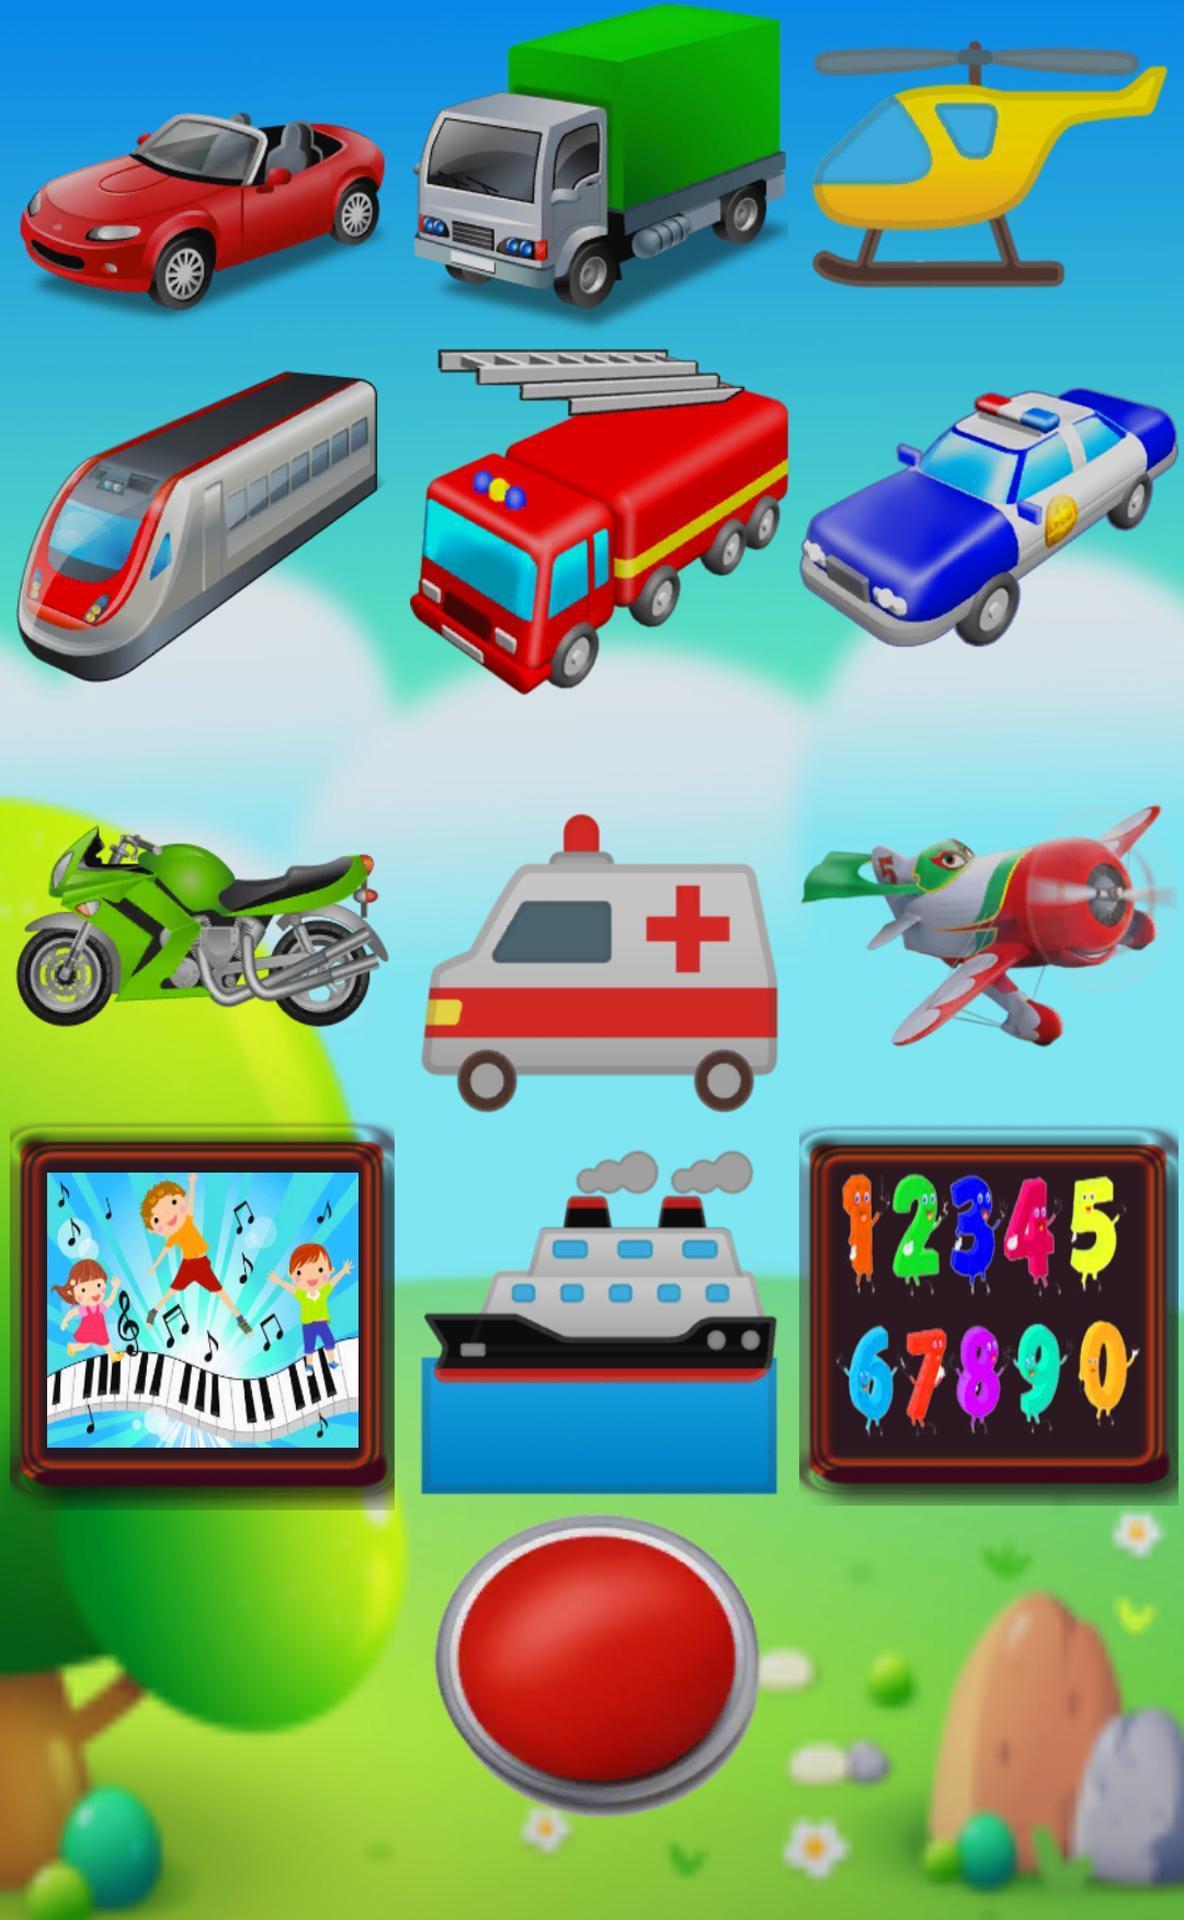 الوان حيوانات لعب اطفال العاب اطفال Toys For Android Apk